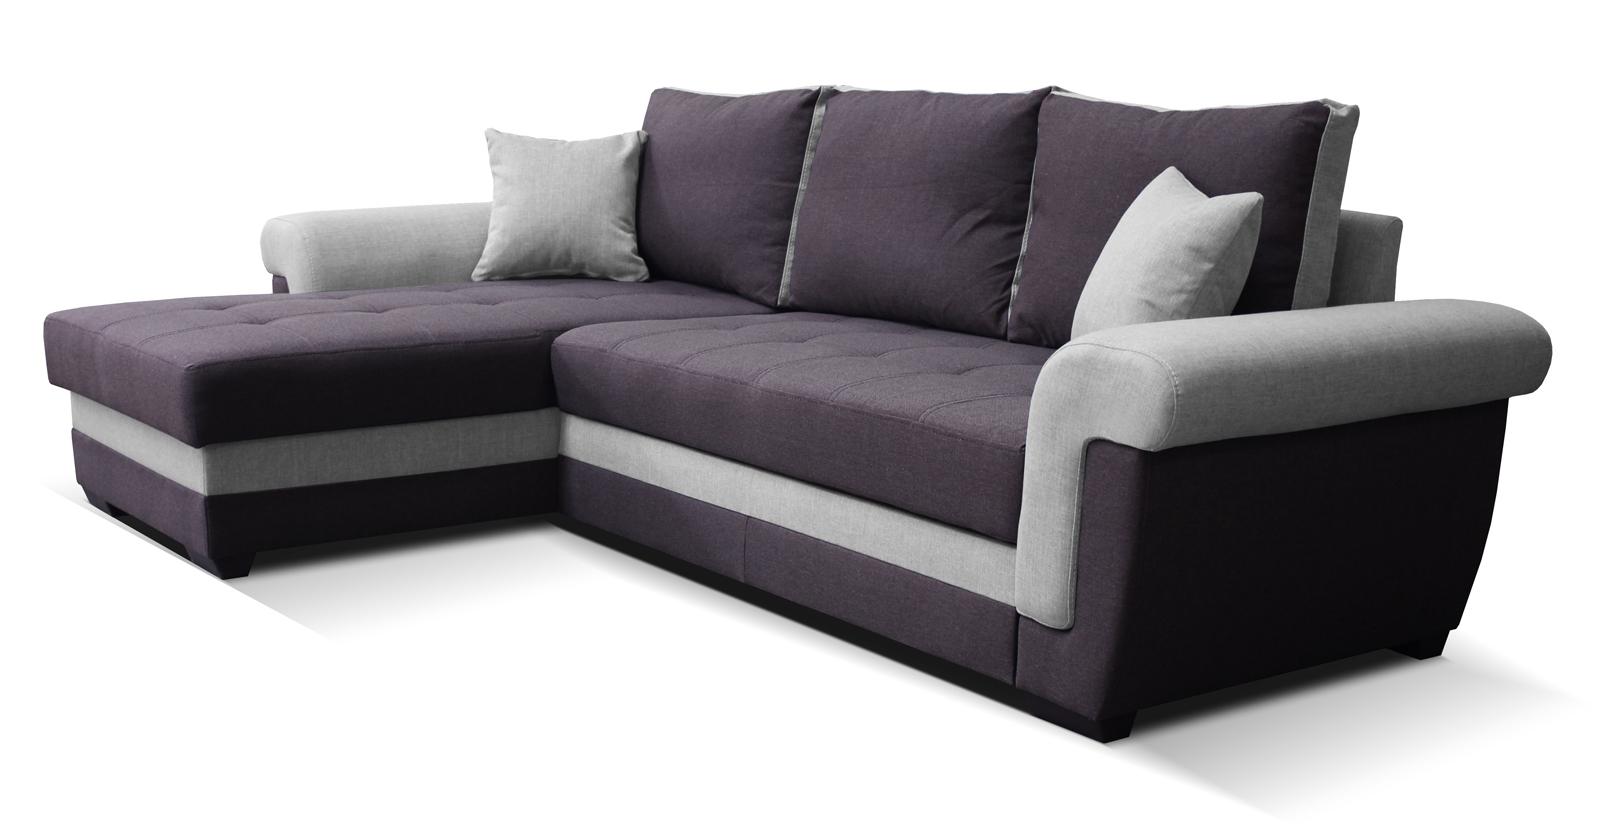 Rohová sedací souprava - Po-Sed - Rony L+2F (fialová + šedá) (L)